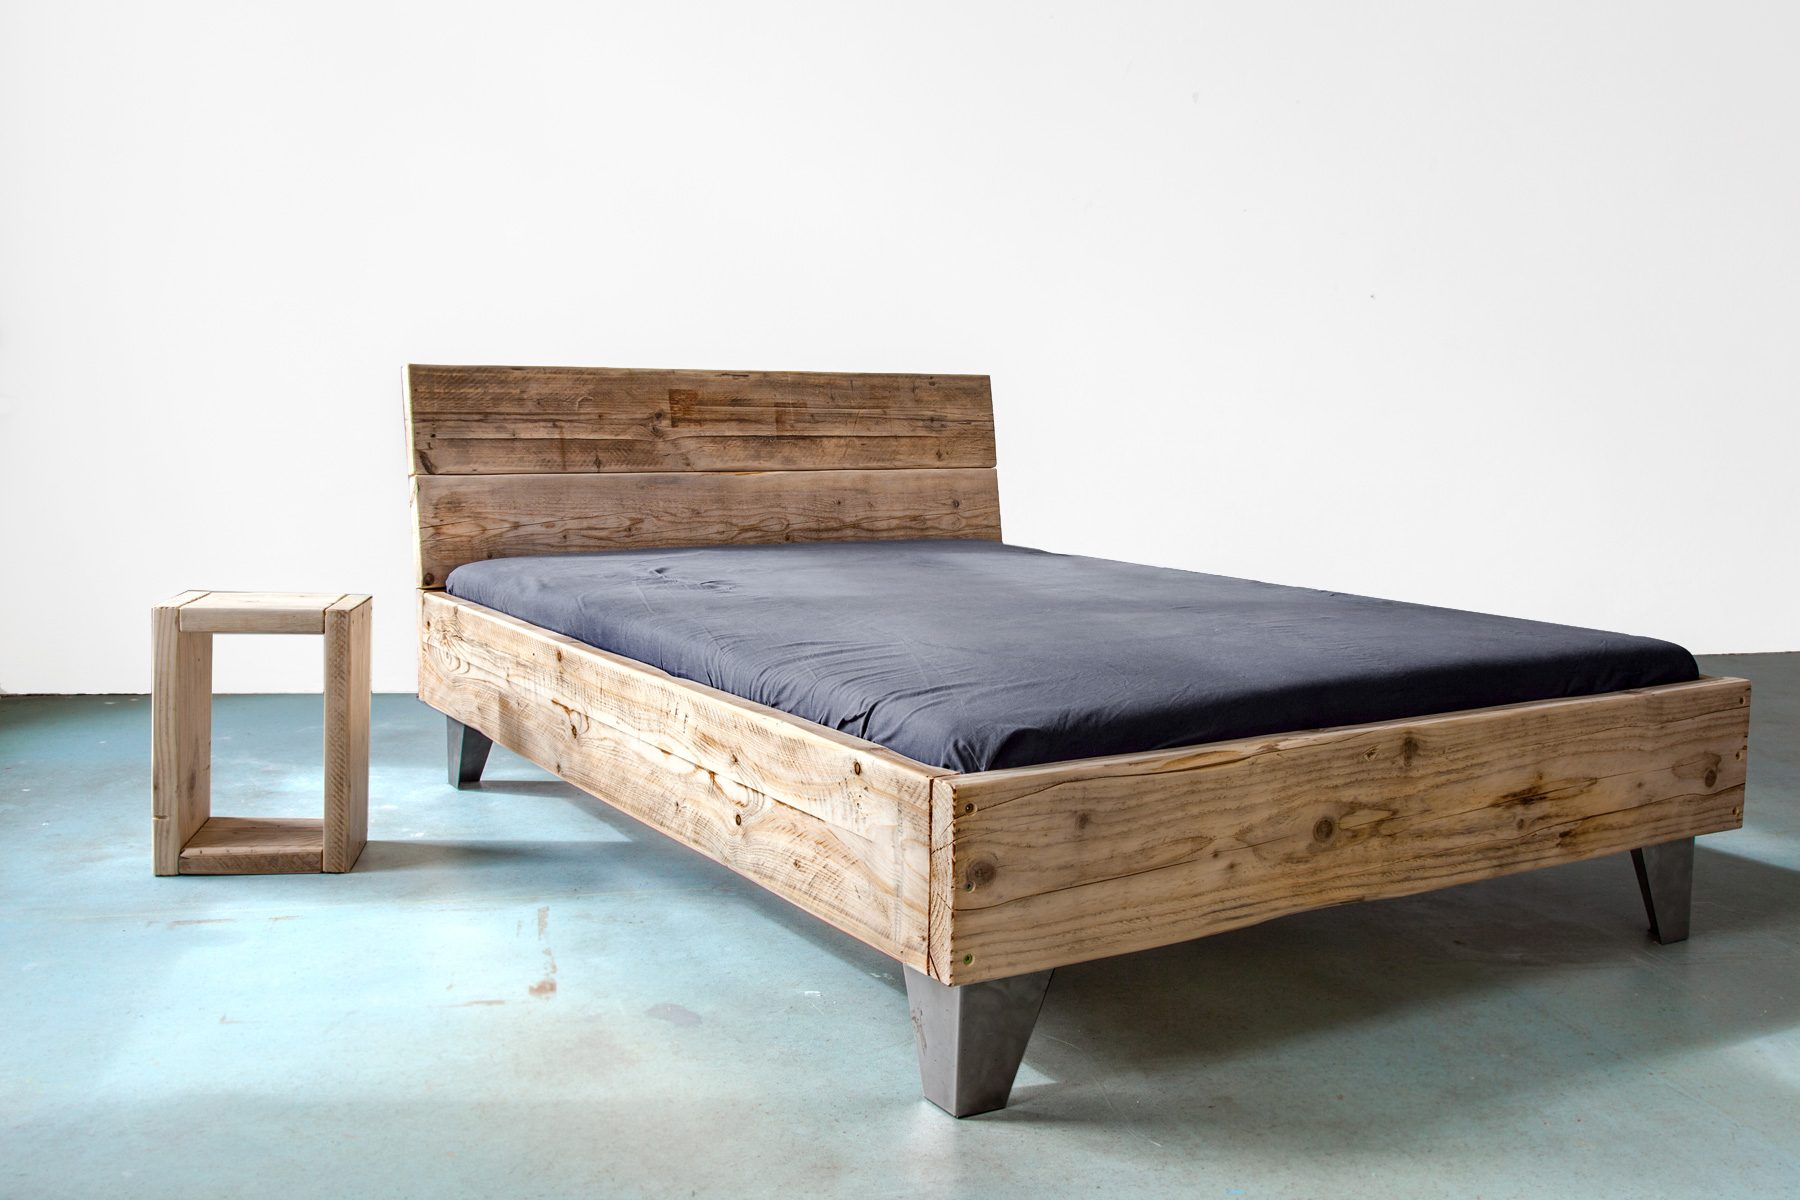 Full Size of Bett 120 Cm Breit 2m X Topper Wand Billige Betten Sofa Mit Bettkasten Sitzhöhe 55 Weiß 160x200 Amerikanisches Lattenrost Und Matratze Regal 40 Tojo V 220 Bett Bett 120 Cm Breit